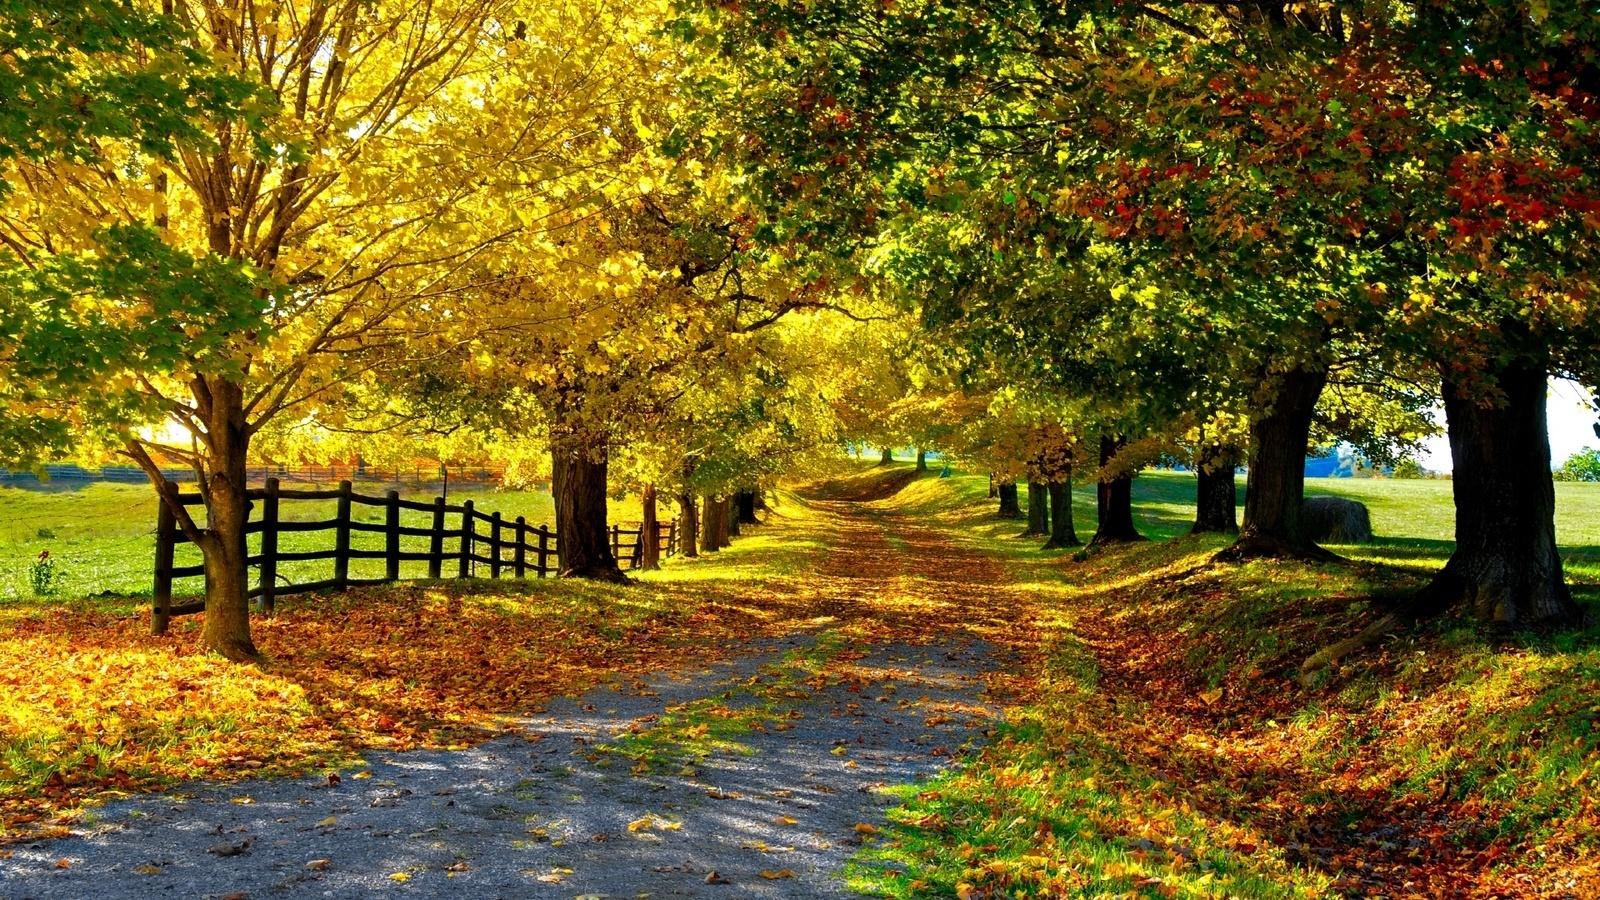 21764 скачать обои Пейзаж, Деревья, Дороги, Осень - заставки и картинки бесплатно